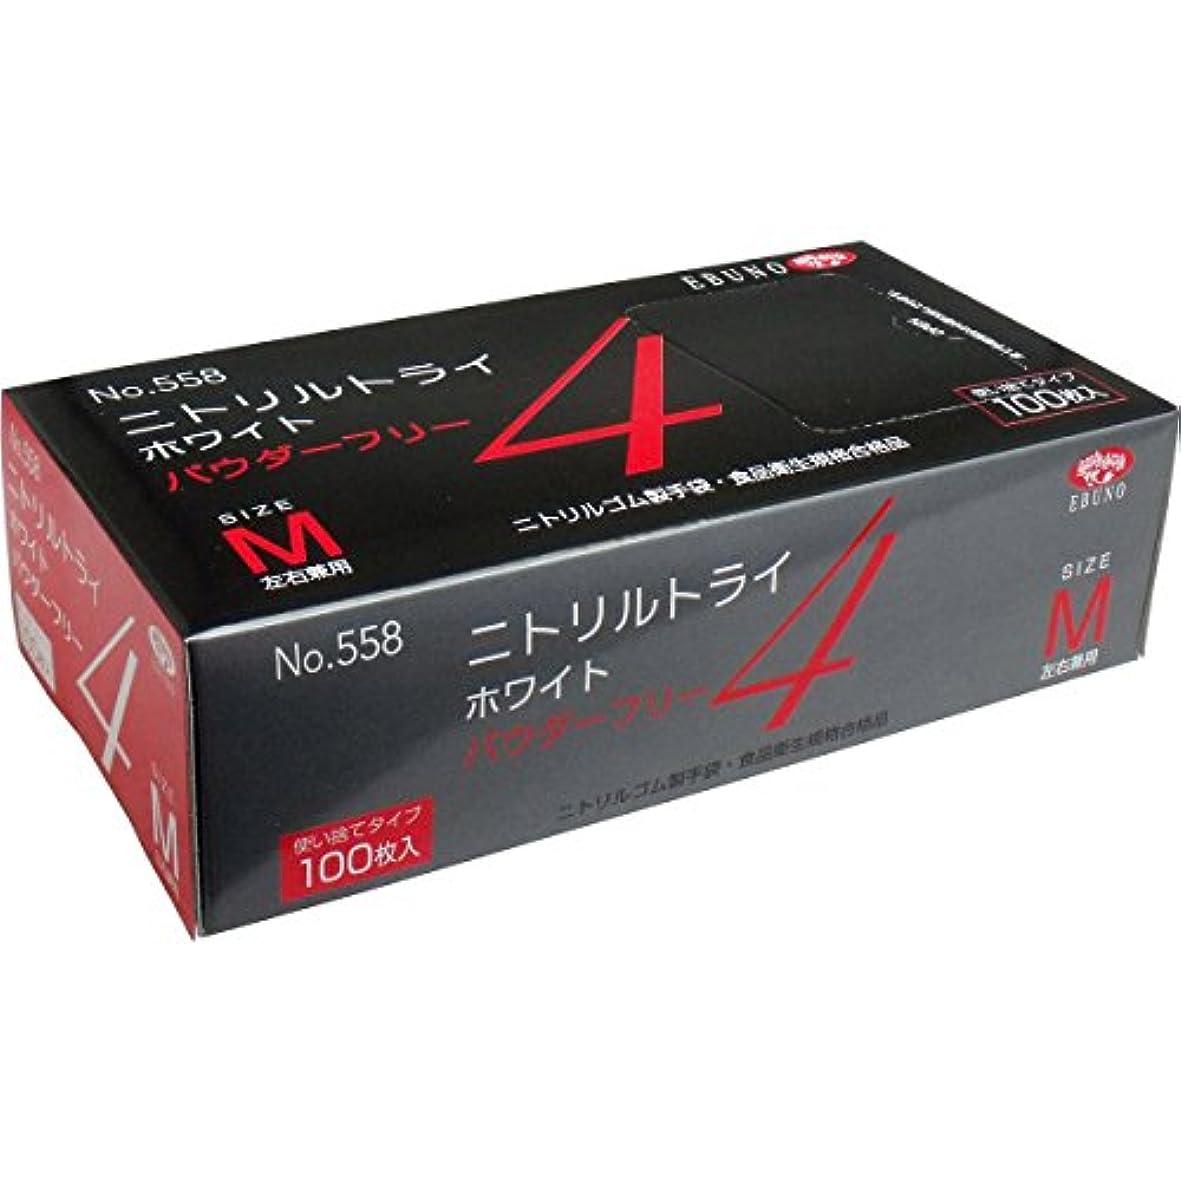 行商人ひどいのホストニトリルトライ4 手袋 ホワイト パウダーフリー Mサイズ 100枚入×2個セット